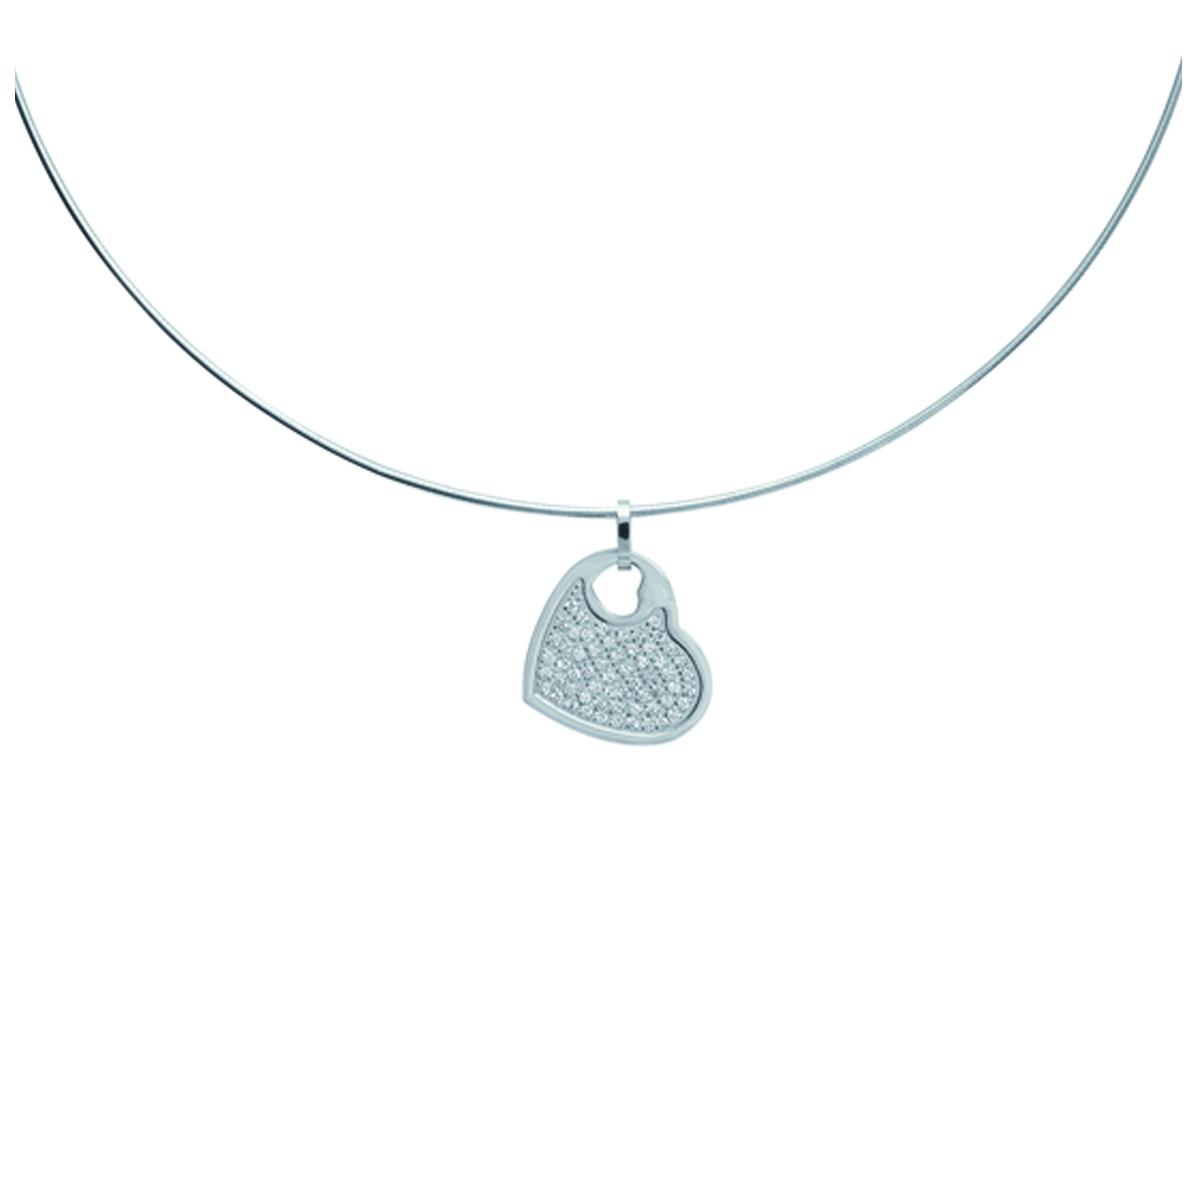 Collier acier \'Love\' blanc argenté - 22x23 mm - [J0982]